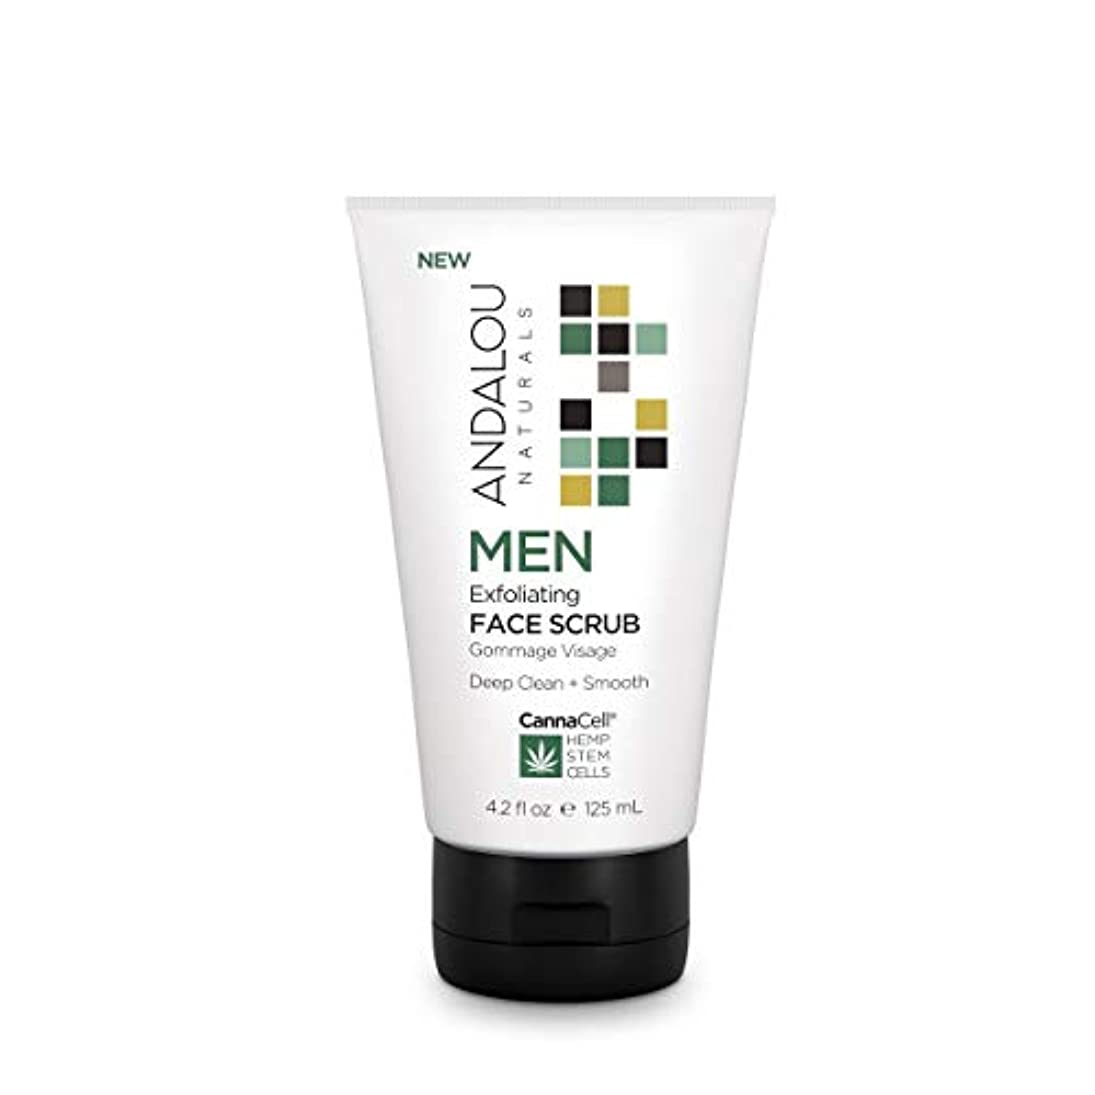 保証する同級生通訳オーガニック ボタニカル 洗顔料 スクラブ洗顔 ナチュラル フルーツ幹細胞 ヘンプ幹細胞 「 MEN エクスフォリエーティングフェイススクラブ 」 ANDALOU naturals アンダルー ナチュラルズ